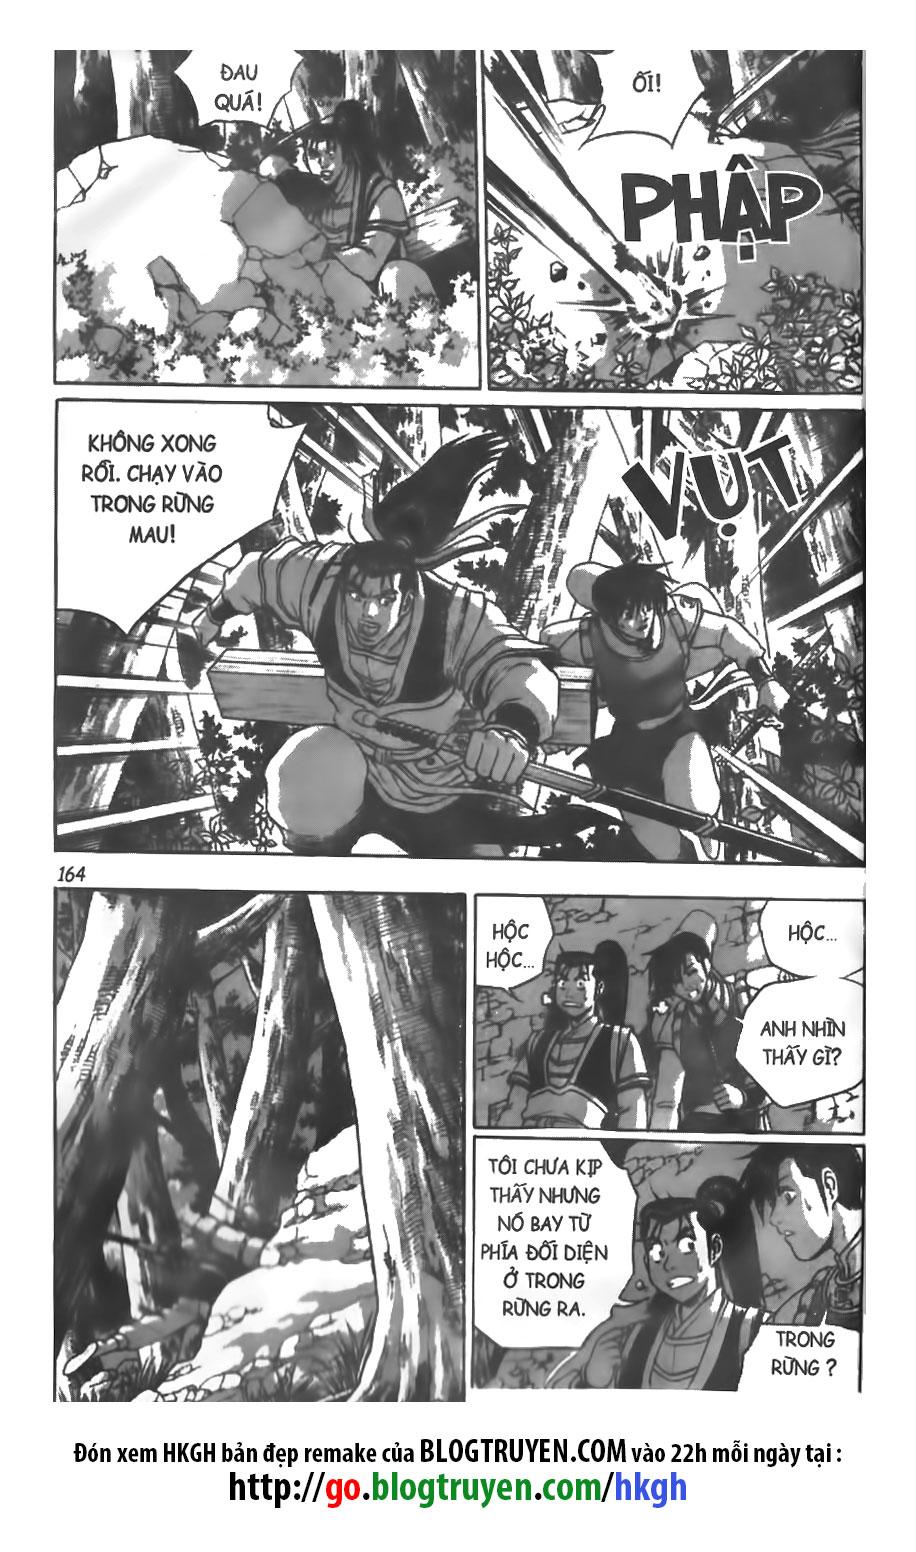 xem truyen moi - Hiệp Khách Giang Hồ Vol39 - Chap 270 - Remake